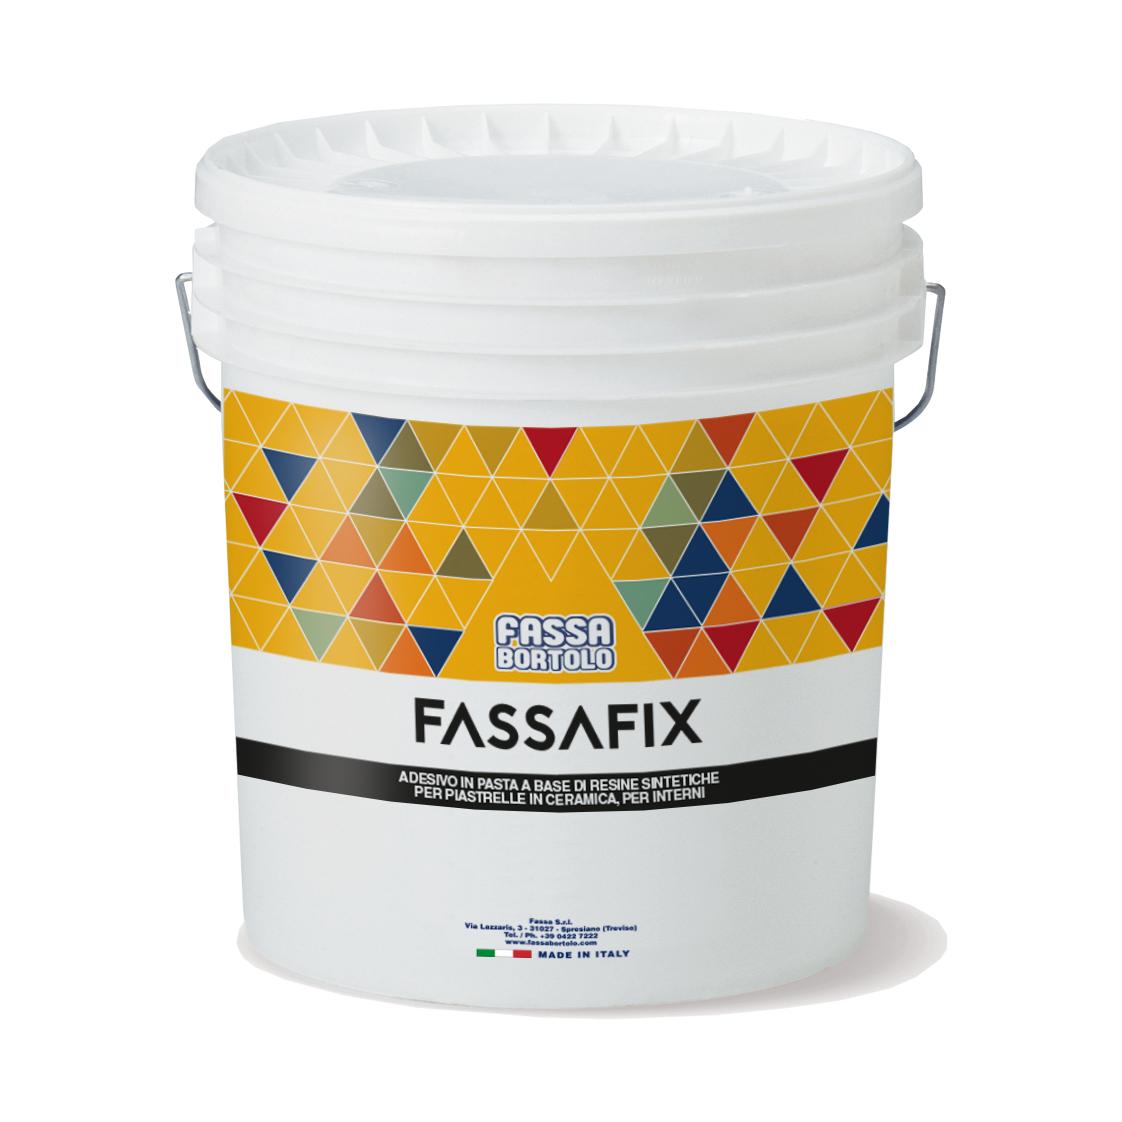 FASSAFIX: Gebrauchsfertiger pastöser Kleber in weiß, für die Verklebung von keramischen Wandfliesen mittleren Formats im Innenbereich